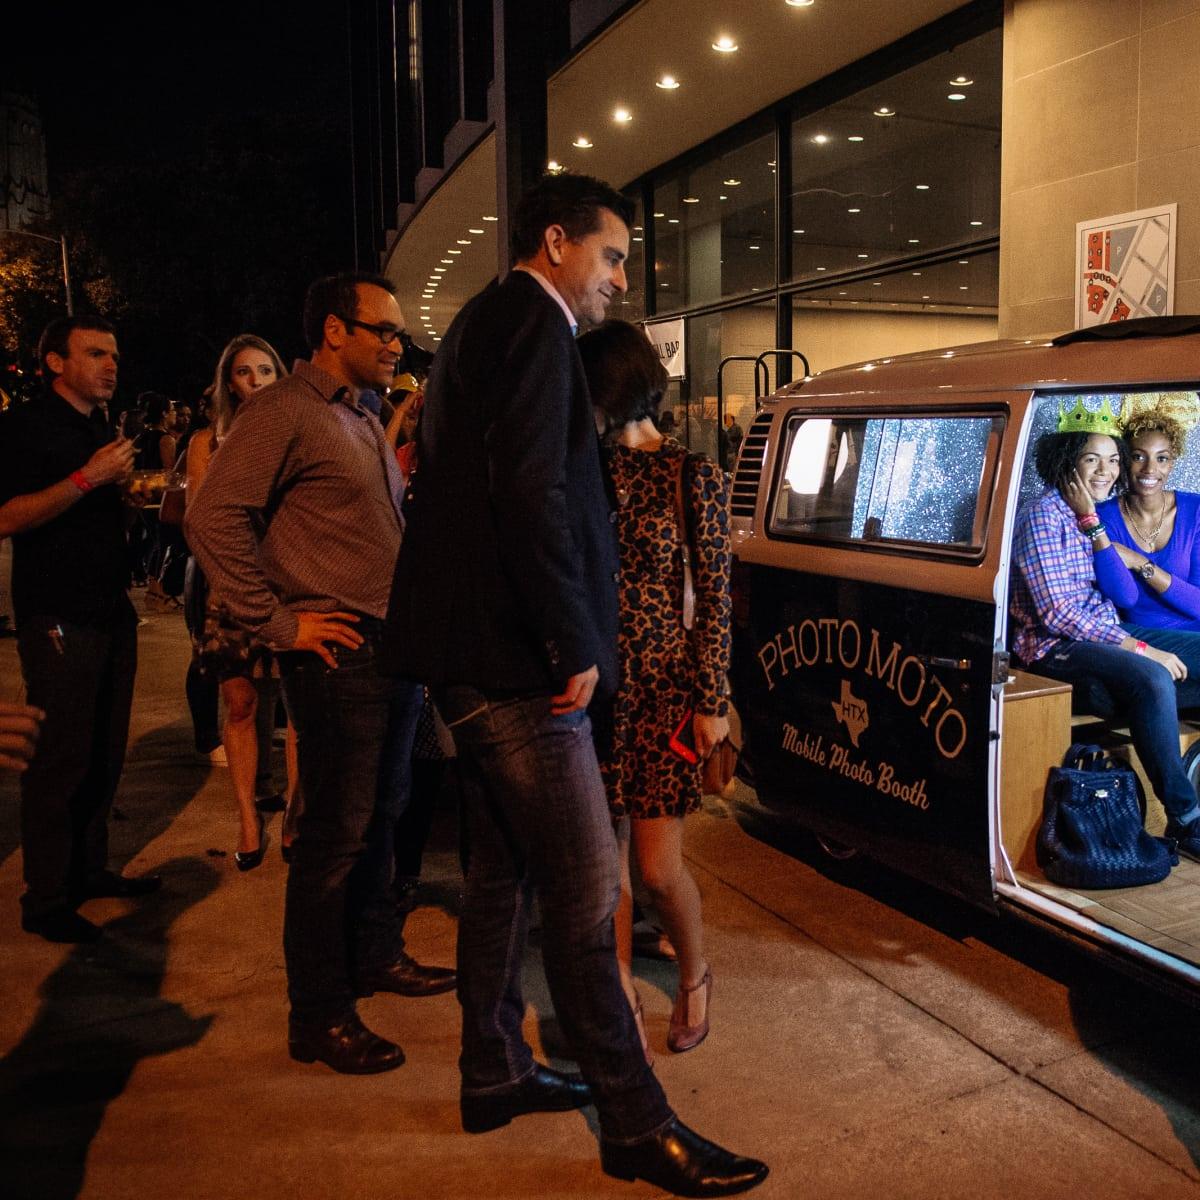 News, Shelby, MFAH Mixed Media, Oct. 2015, Photo Moto photo booth